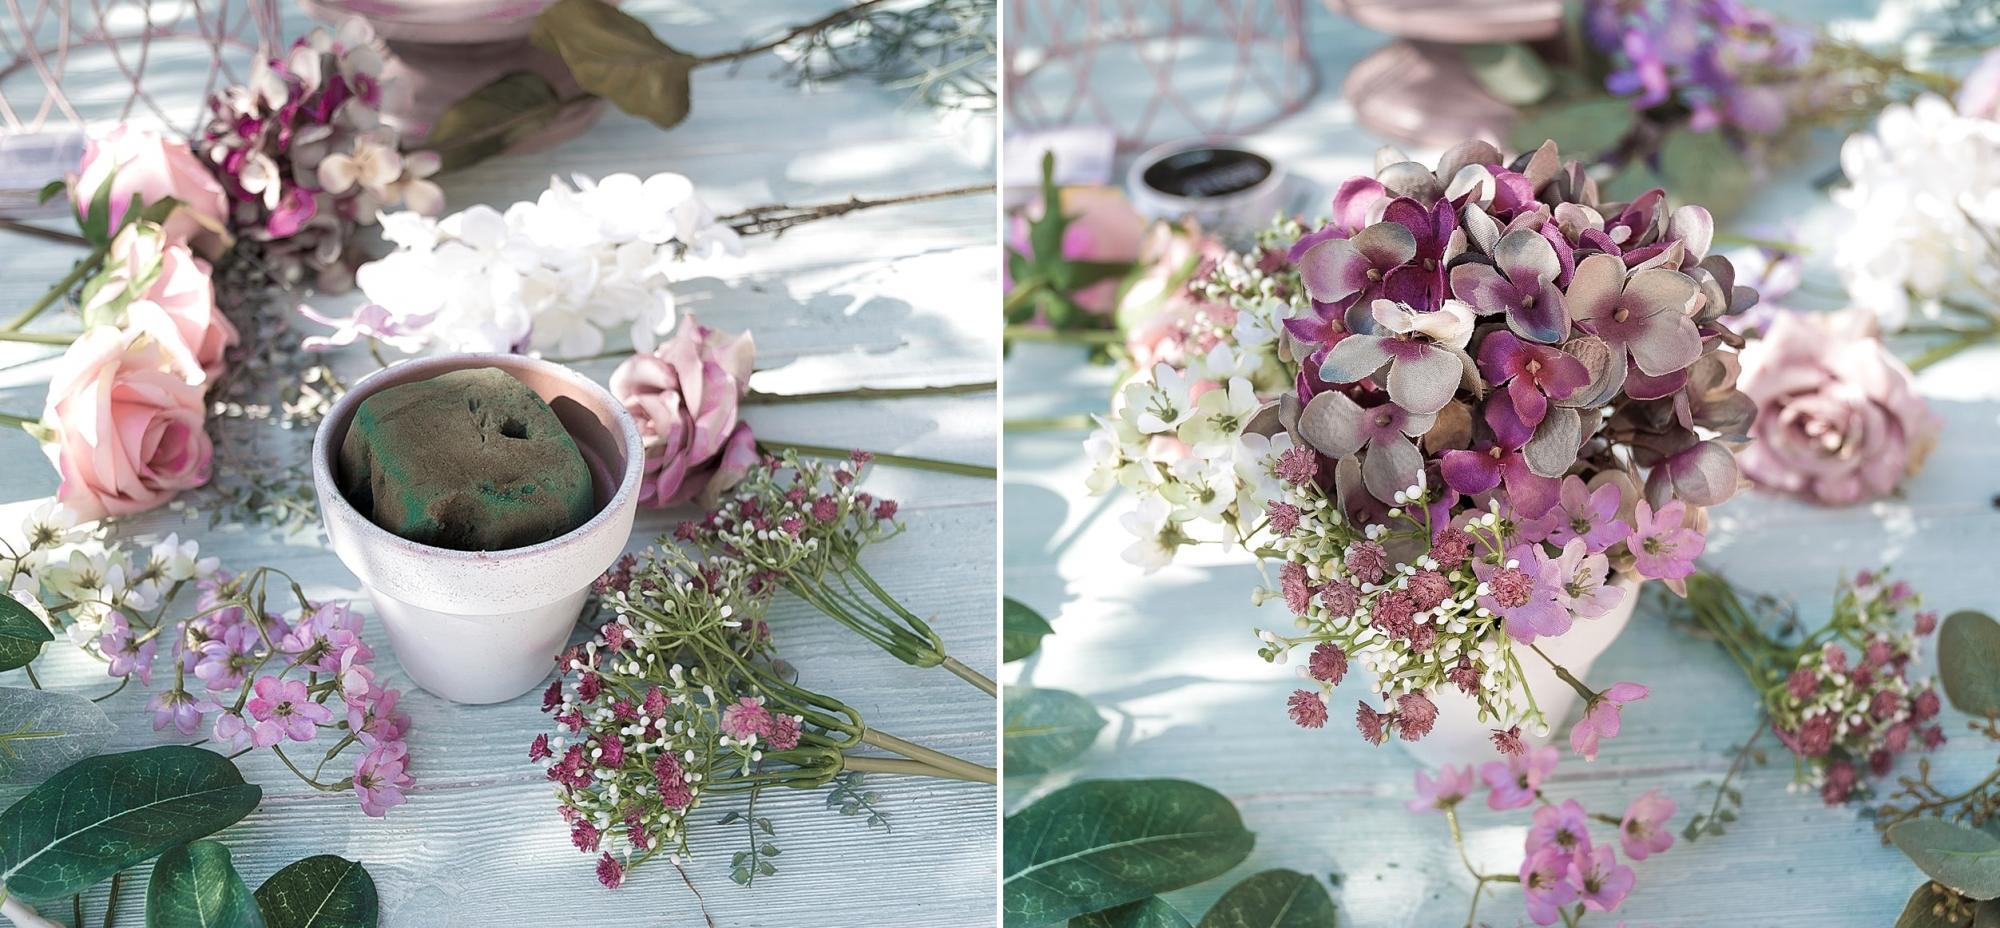 Blumenbouquet aus Kunstblumen fertigen